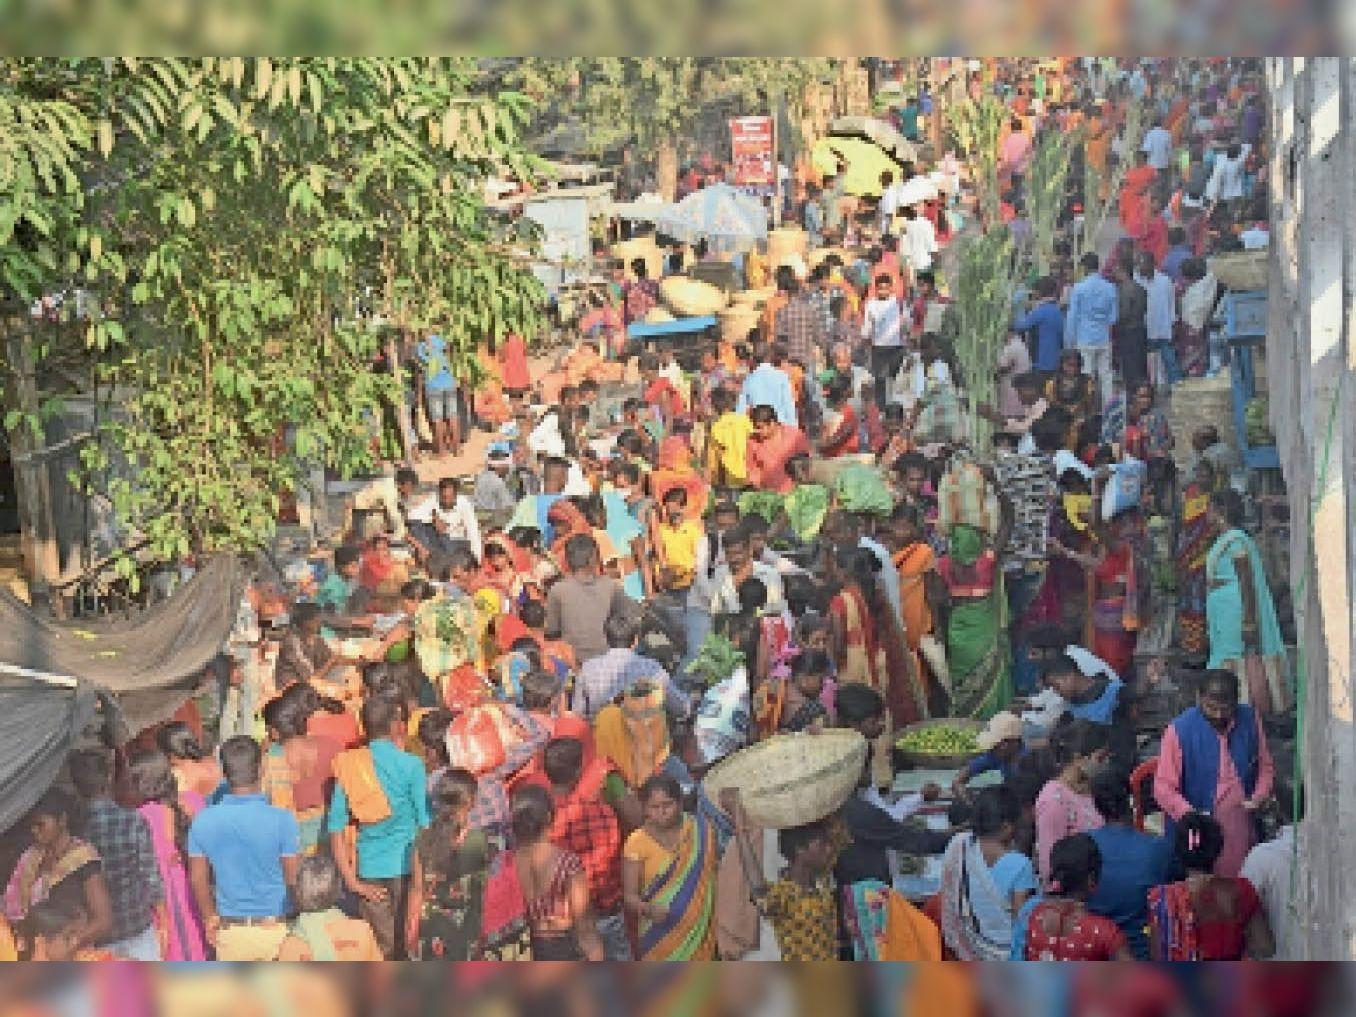 छठ पूजा को लेकर खुश्कीबाग़ बाजार में उमड़ी लोगों की भीड़।